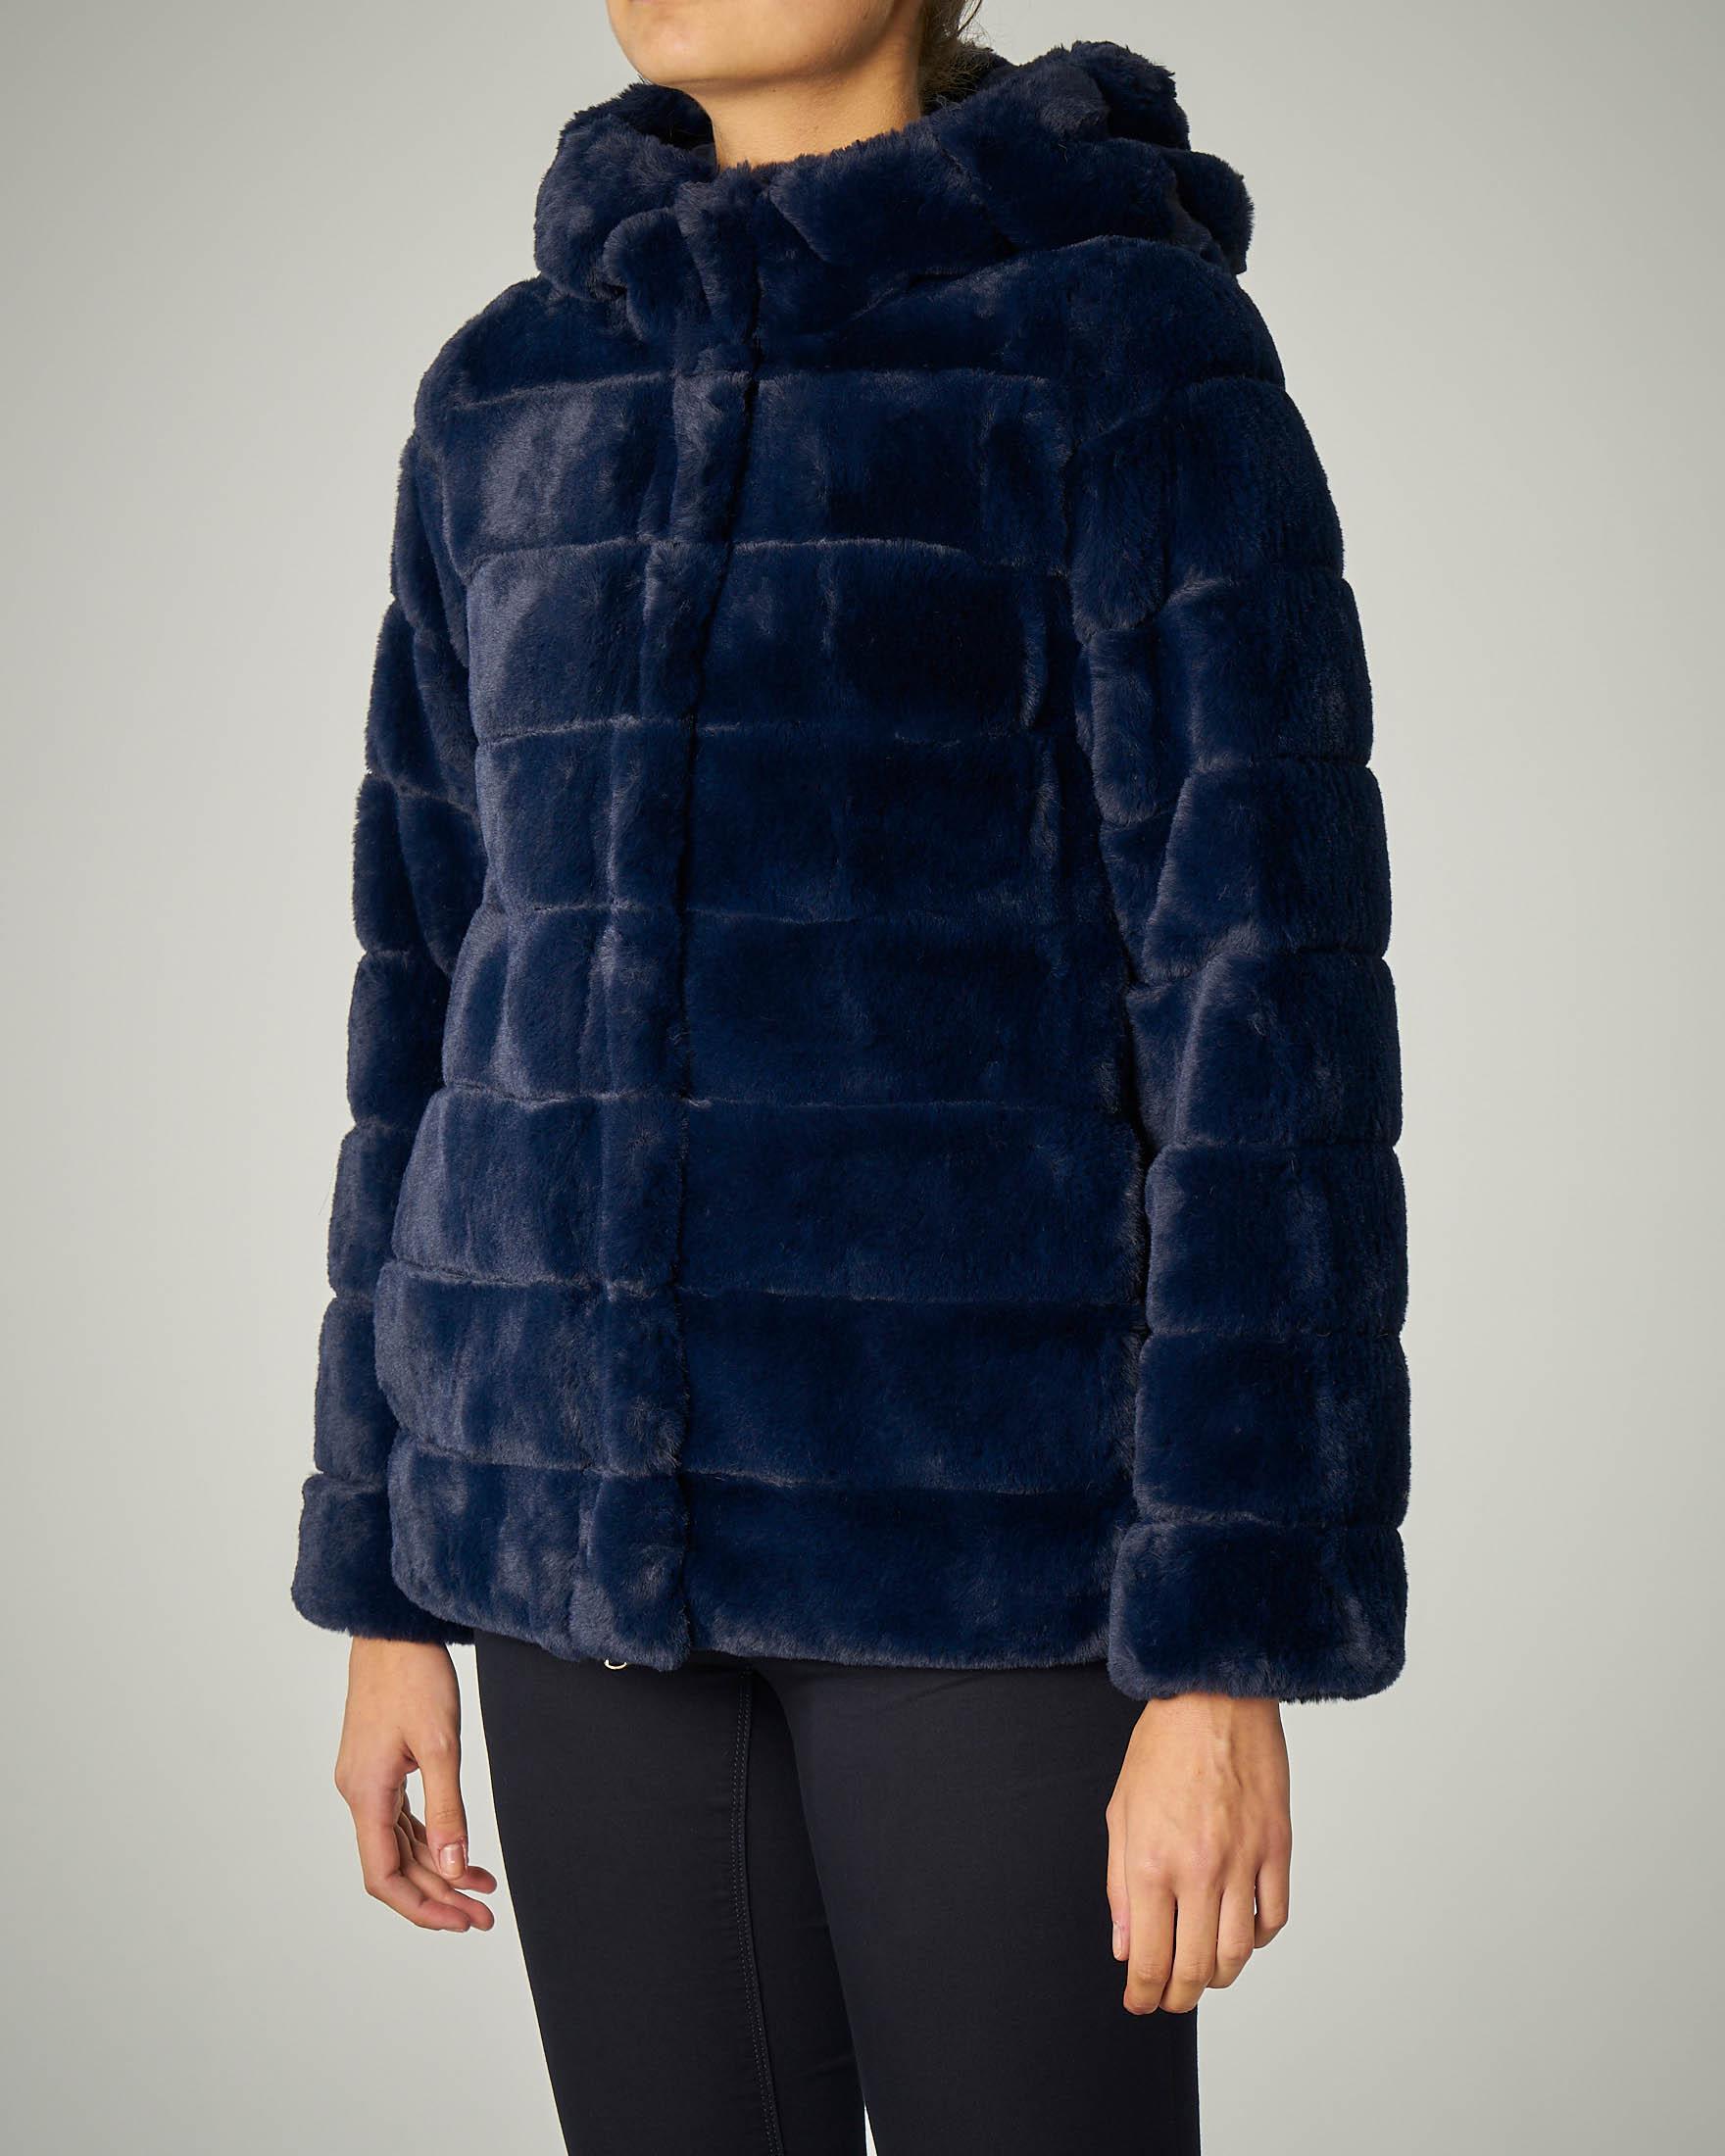 Eco pelliccia corta blu con cappuccio